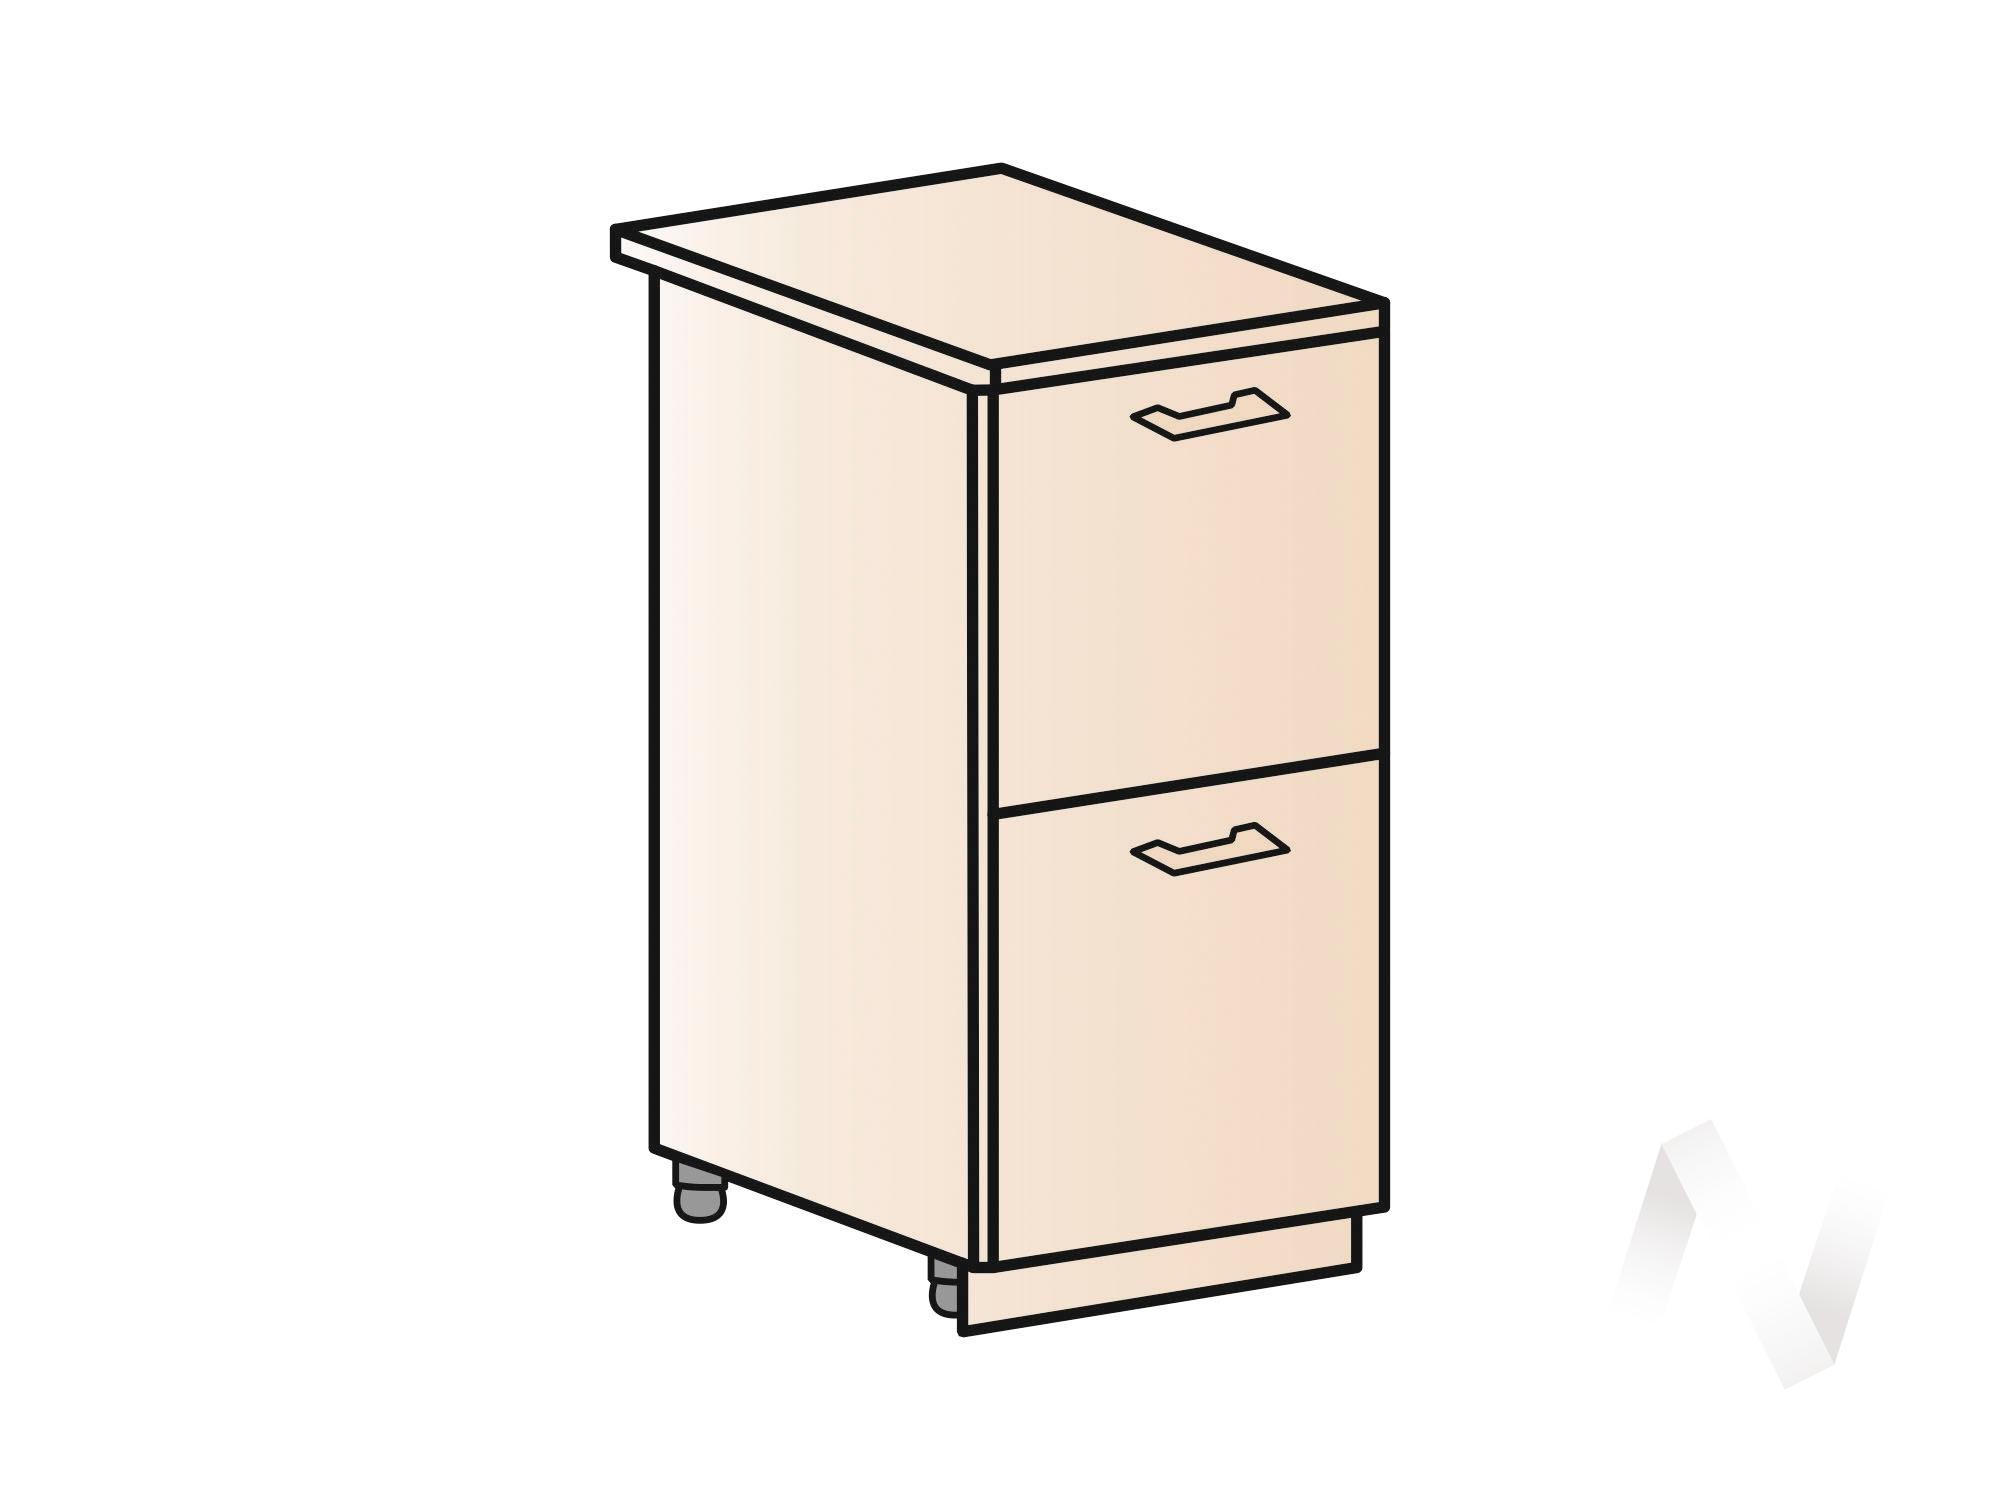 """Купить кухня """"вена"""": шкаф нижний с 2-мя ящиками 400, шн2я 400 (корпус белый) в Иркутске в интернет магазине Мебель Максимум"""